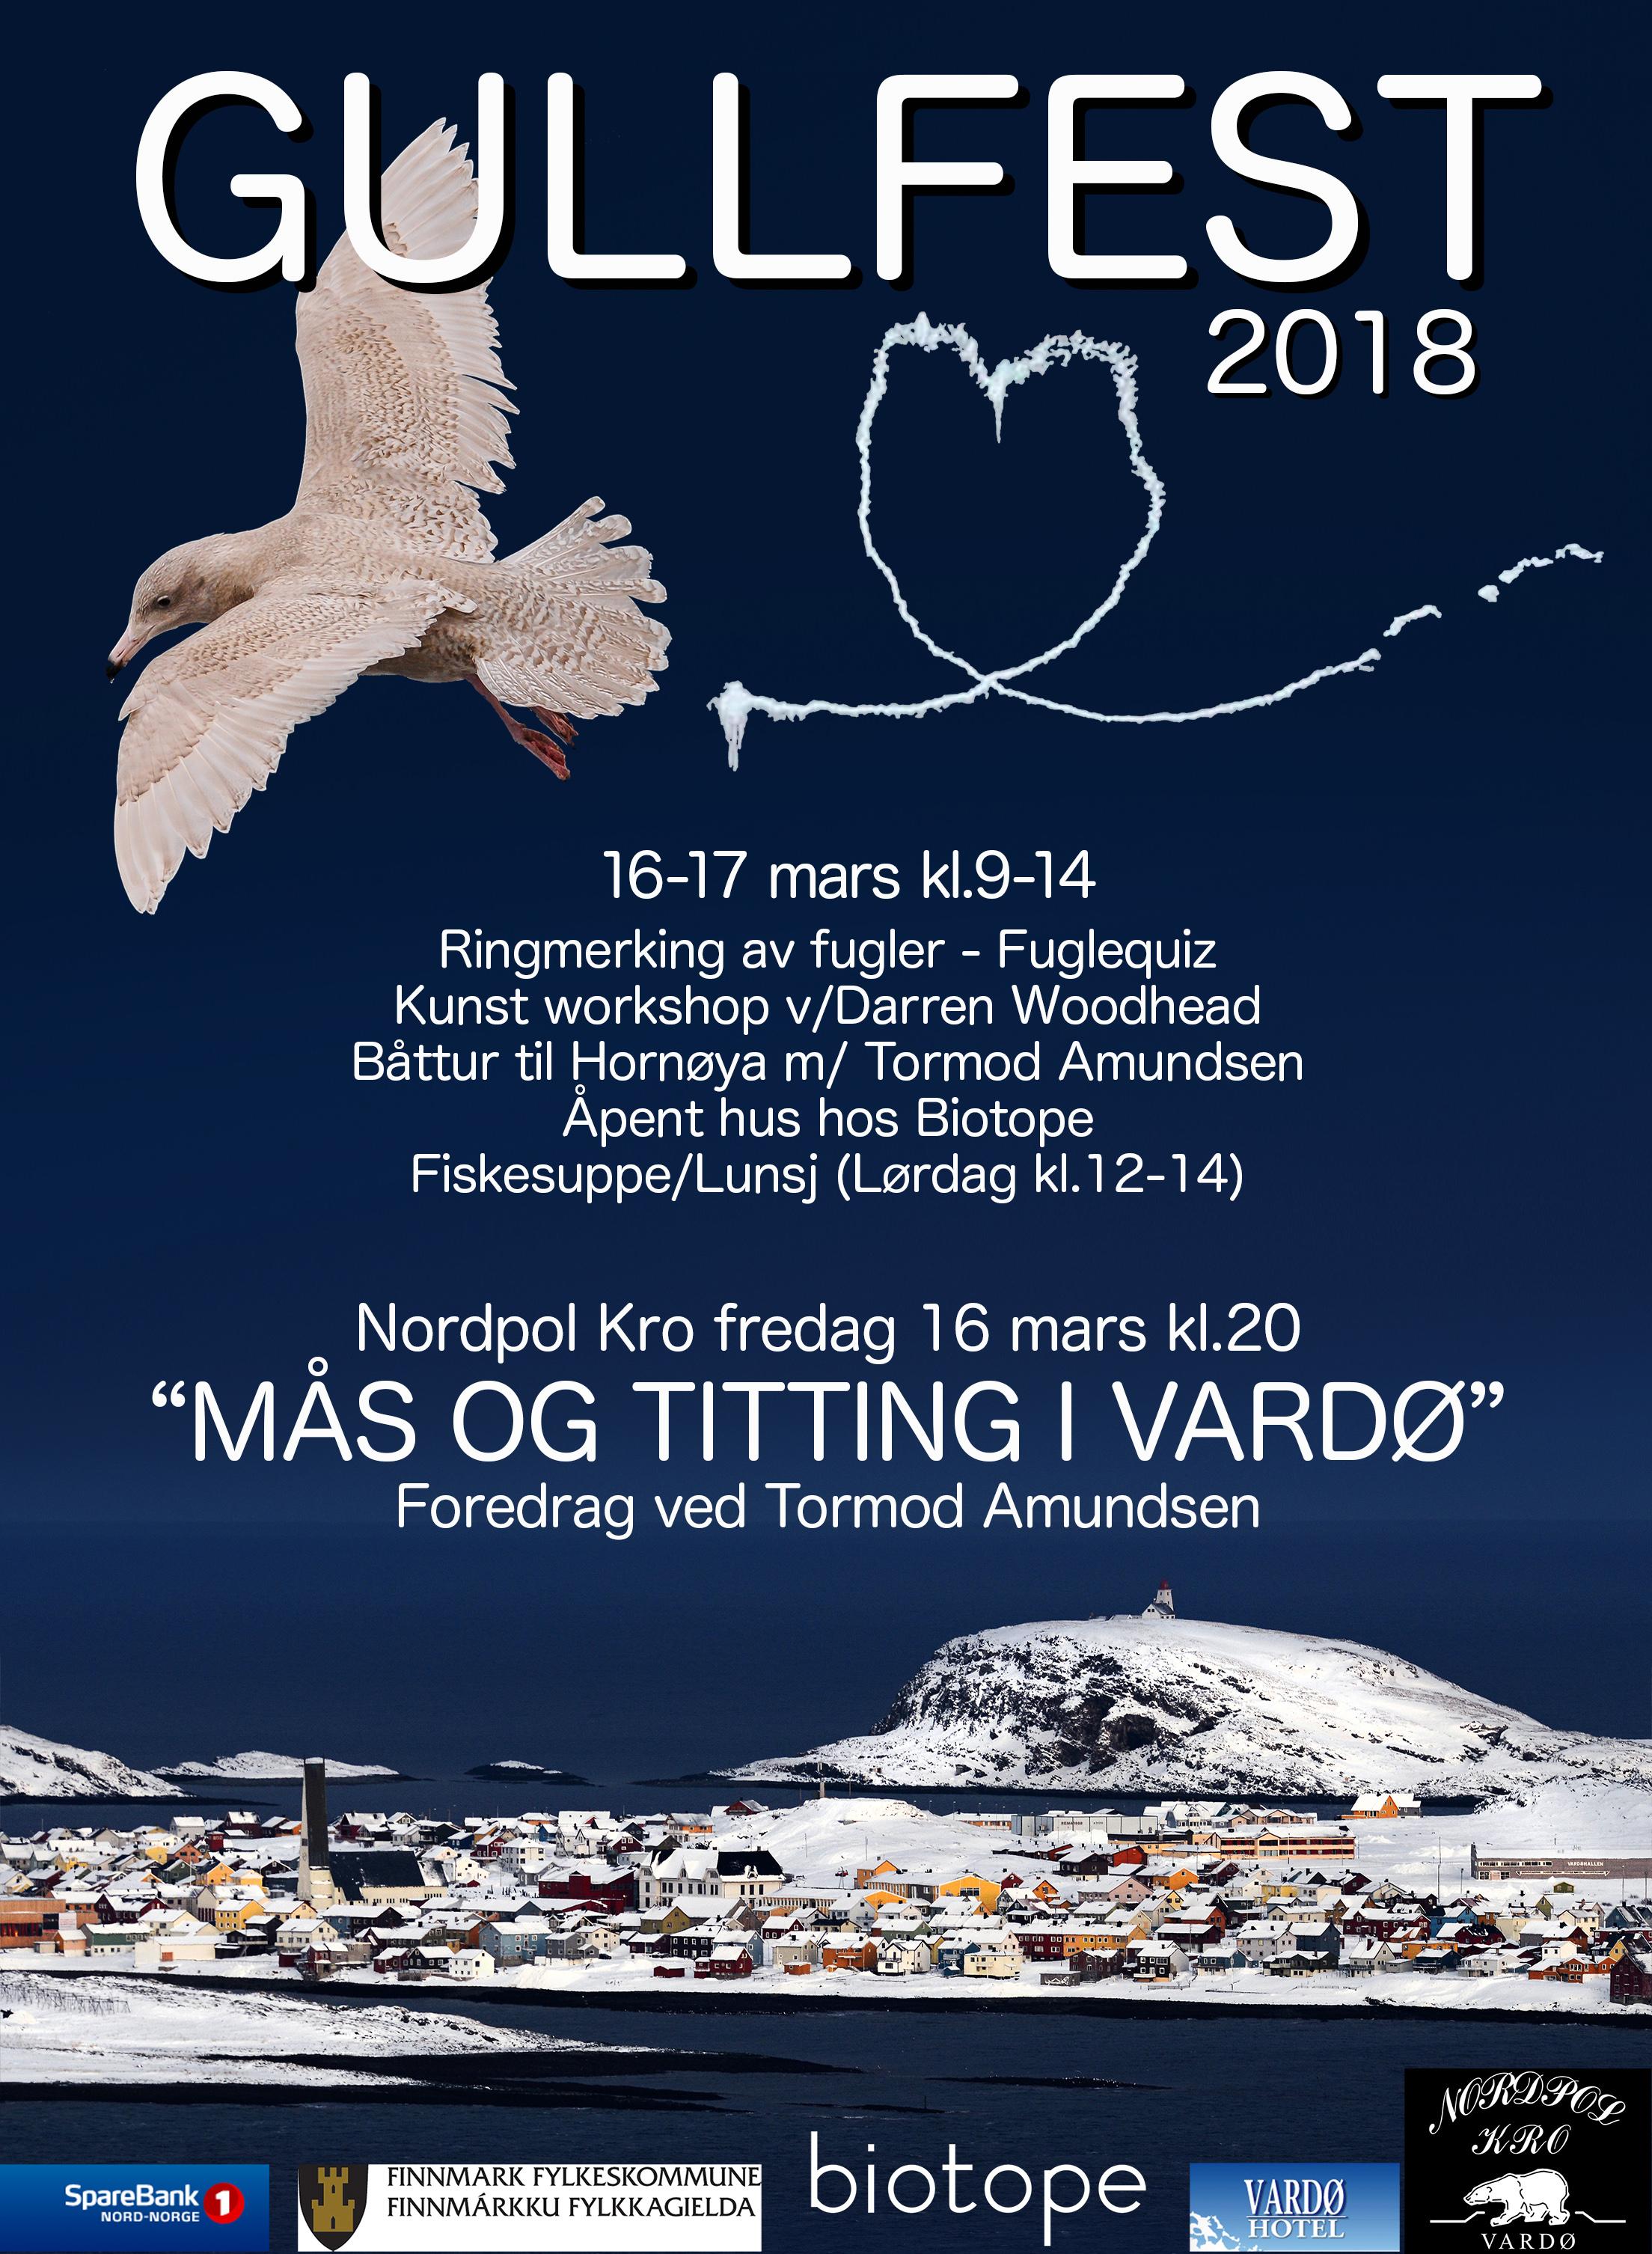 Gullfest plakat 2018 måke.liten.jpg